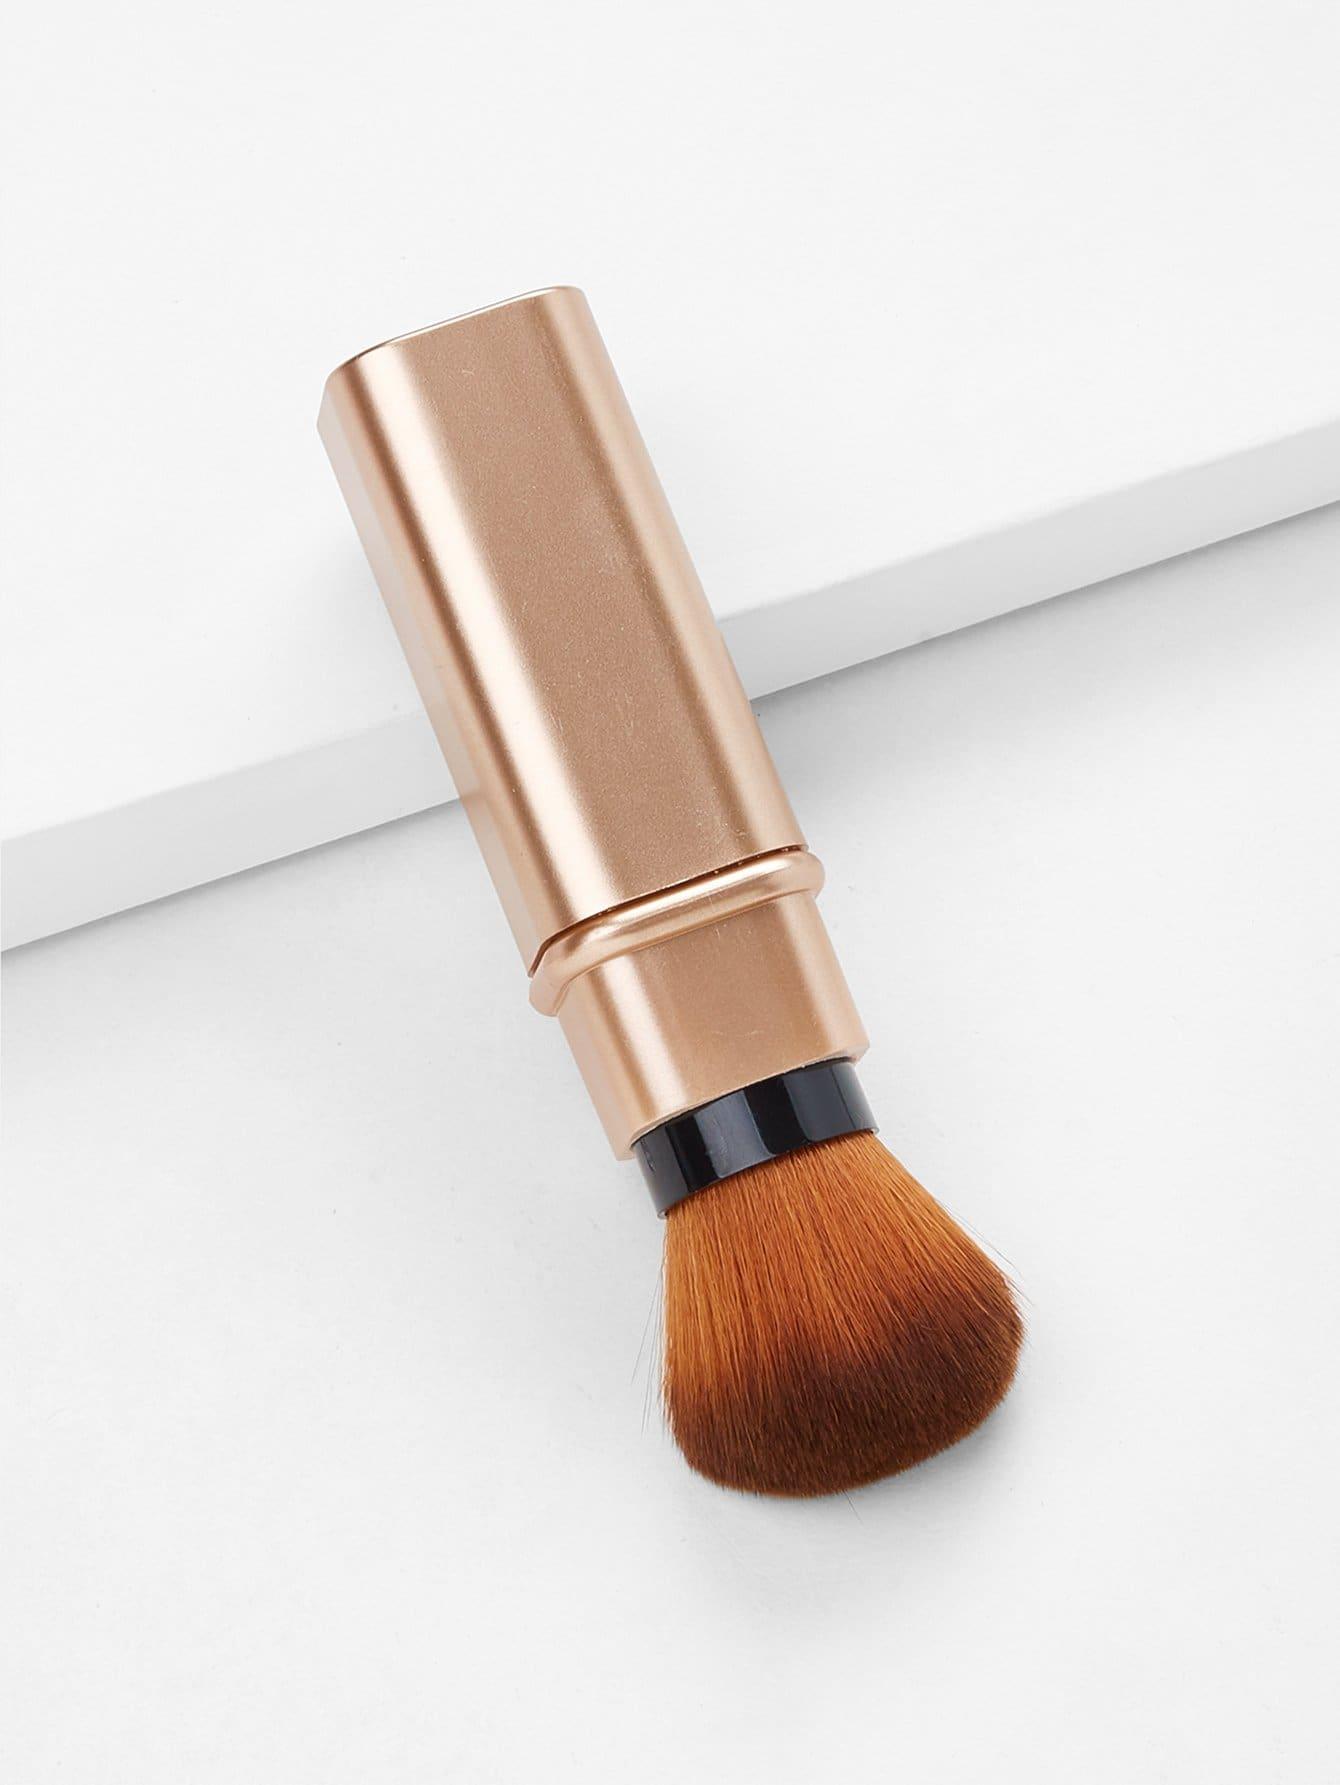 Metal Handle Professional Makeup Brush 1Pc professional makeup brush 1pc